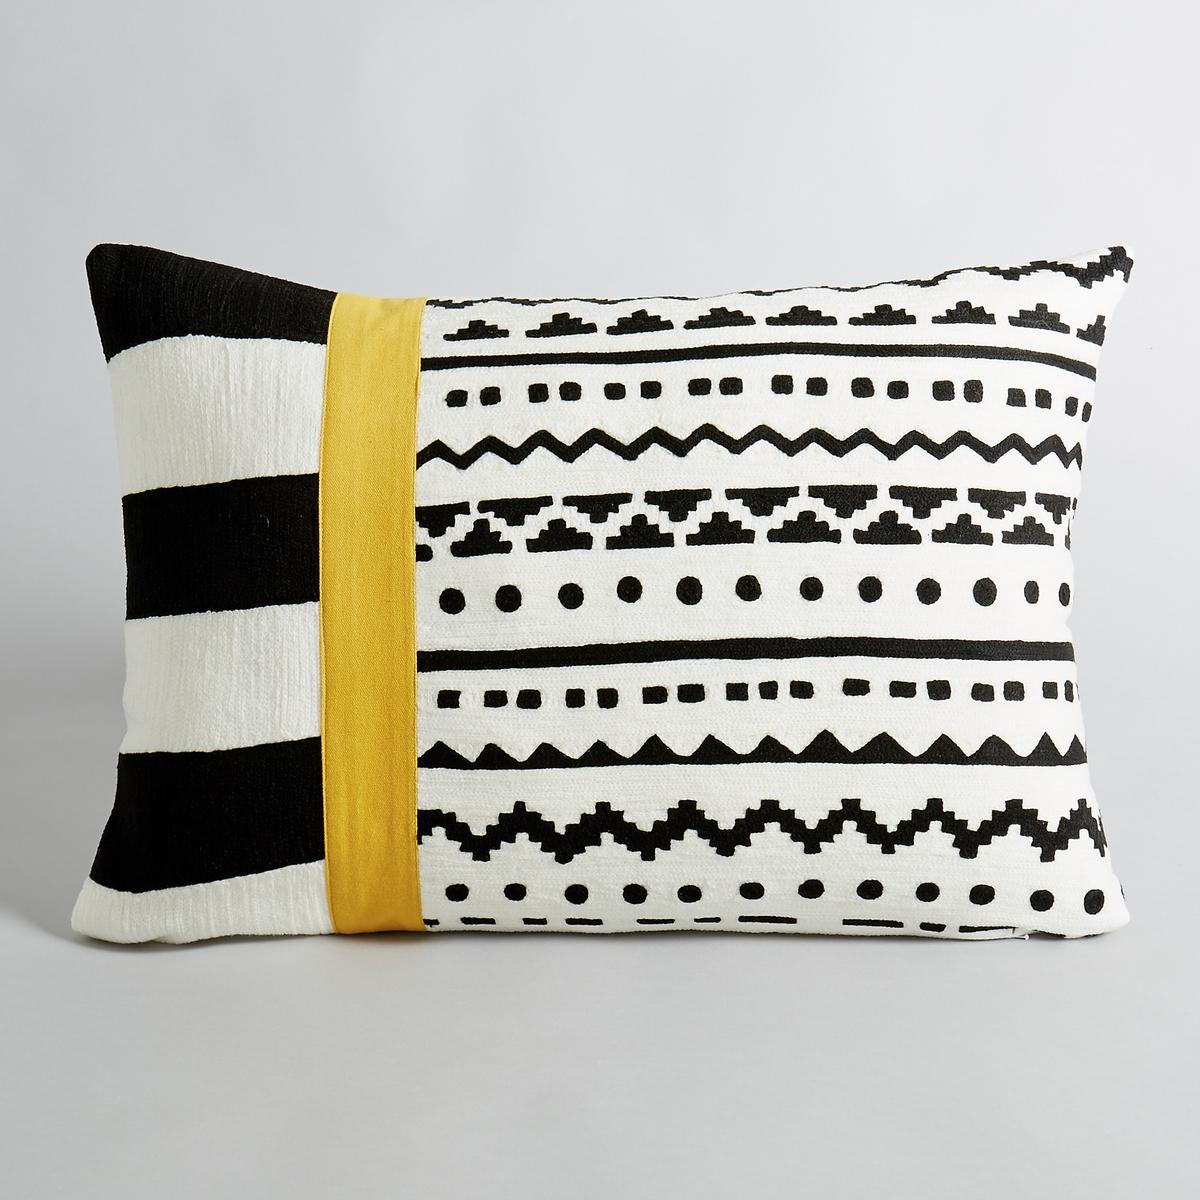 Чехол на подушку AlazieКрасивый графичный рисунок.В чёрном и белом цвете с жёлтой полосой.100 % хлопка. Вышивка по всей верхней поверхности. Скрытая застежка на молнию. Размеры:. 60 x 40 см.<br><br>Цвет: черный/белый/желтый